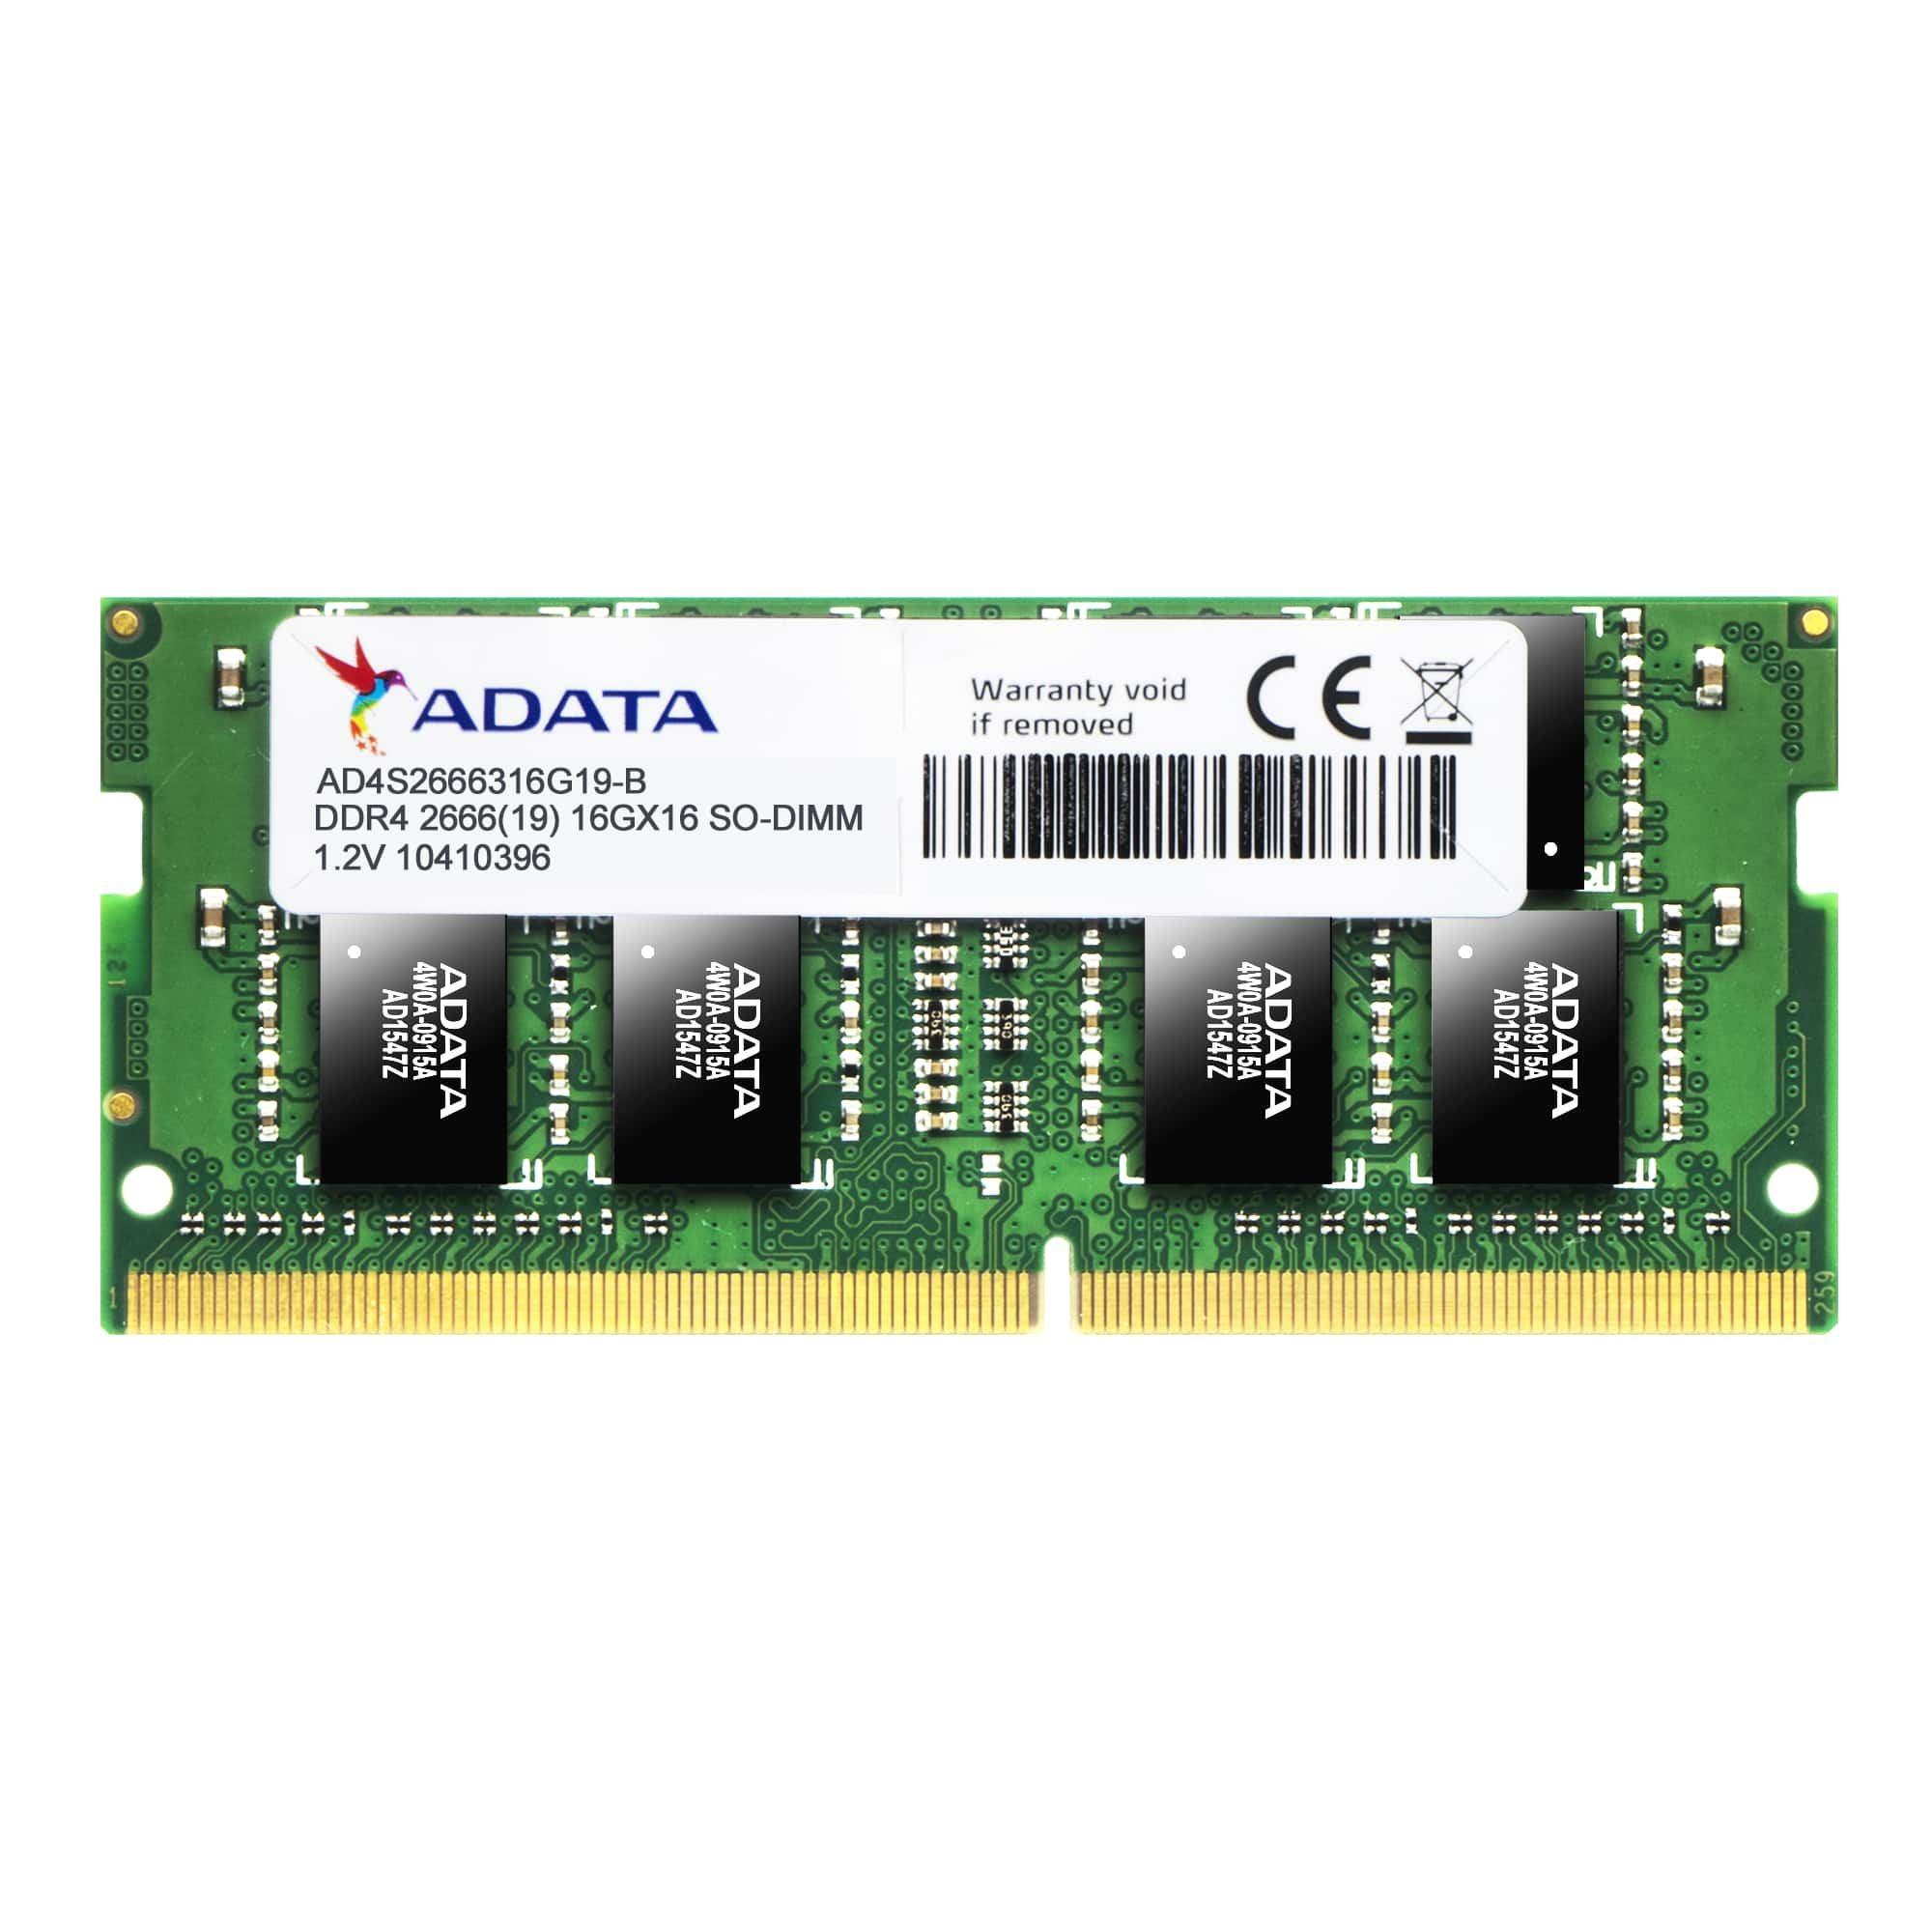 2044147-ADATA-AD4S266638G19-S-memoria-8-GB-DDR4-2666-MHz-ADATA-8GB-DDR4-2666-SO